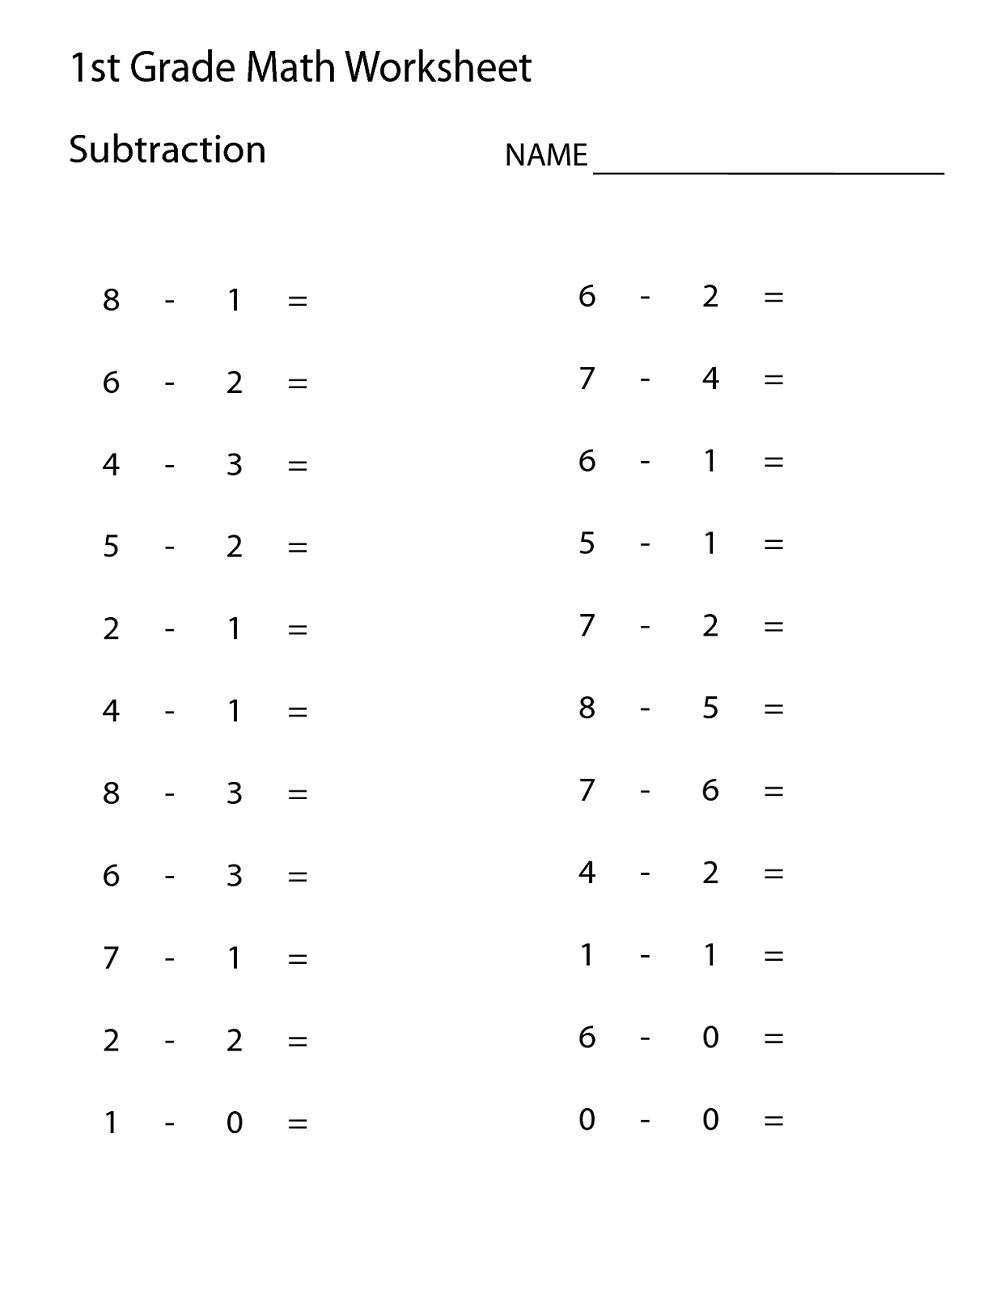 Free Printable 1St Grade Math Worksheets For Kids | Math Worksheets - Free Printable First Grade Math Worksheets